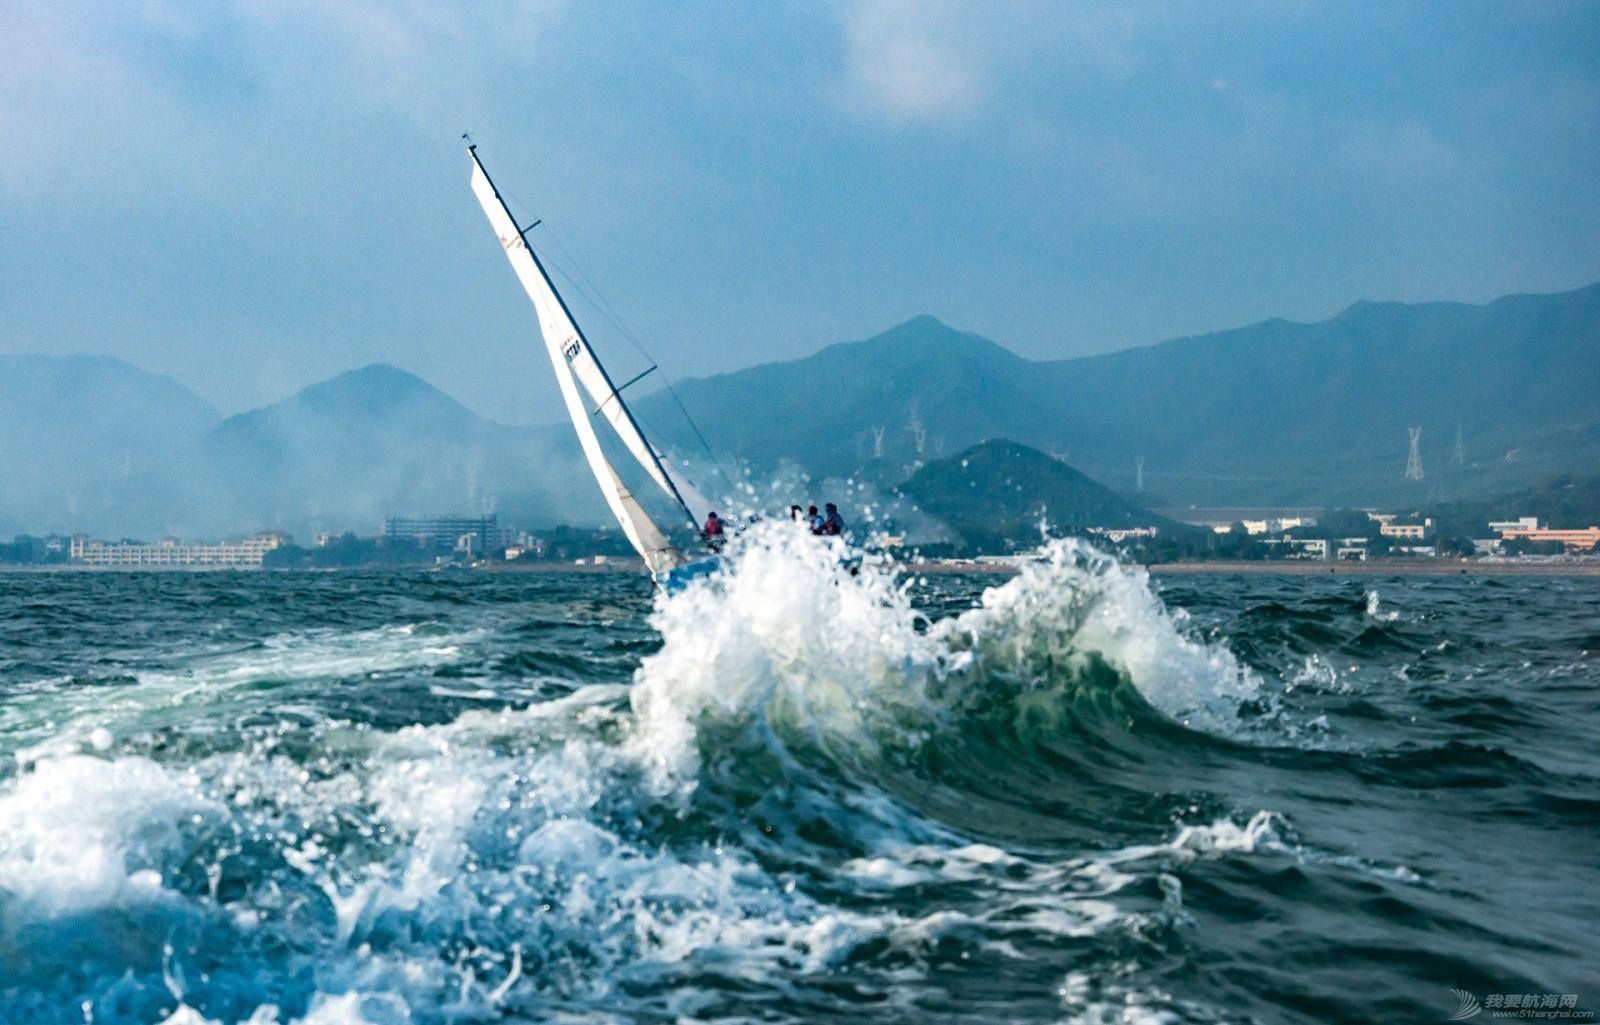 【2015大鹏杯帆船赛】51航海网船队在比赛中 s014.jpg